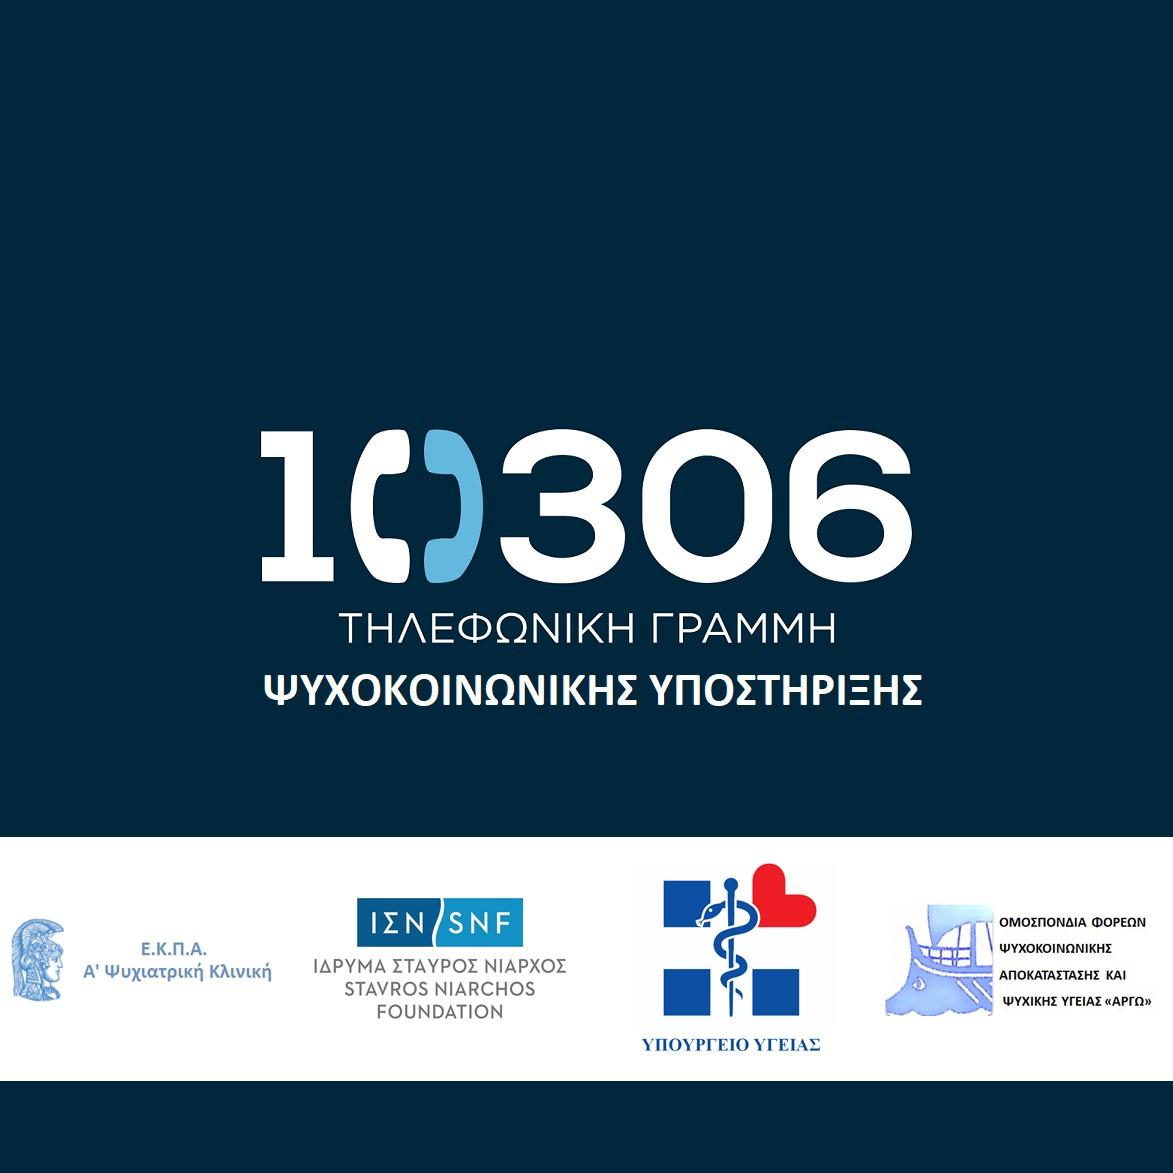 Γραμμή Ψυχοκοινωνικής υποστήριξης 10306 ανώνυμα και δωρεάν